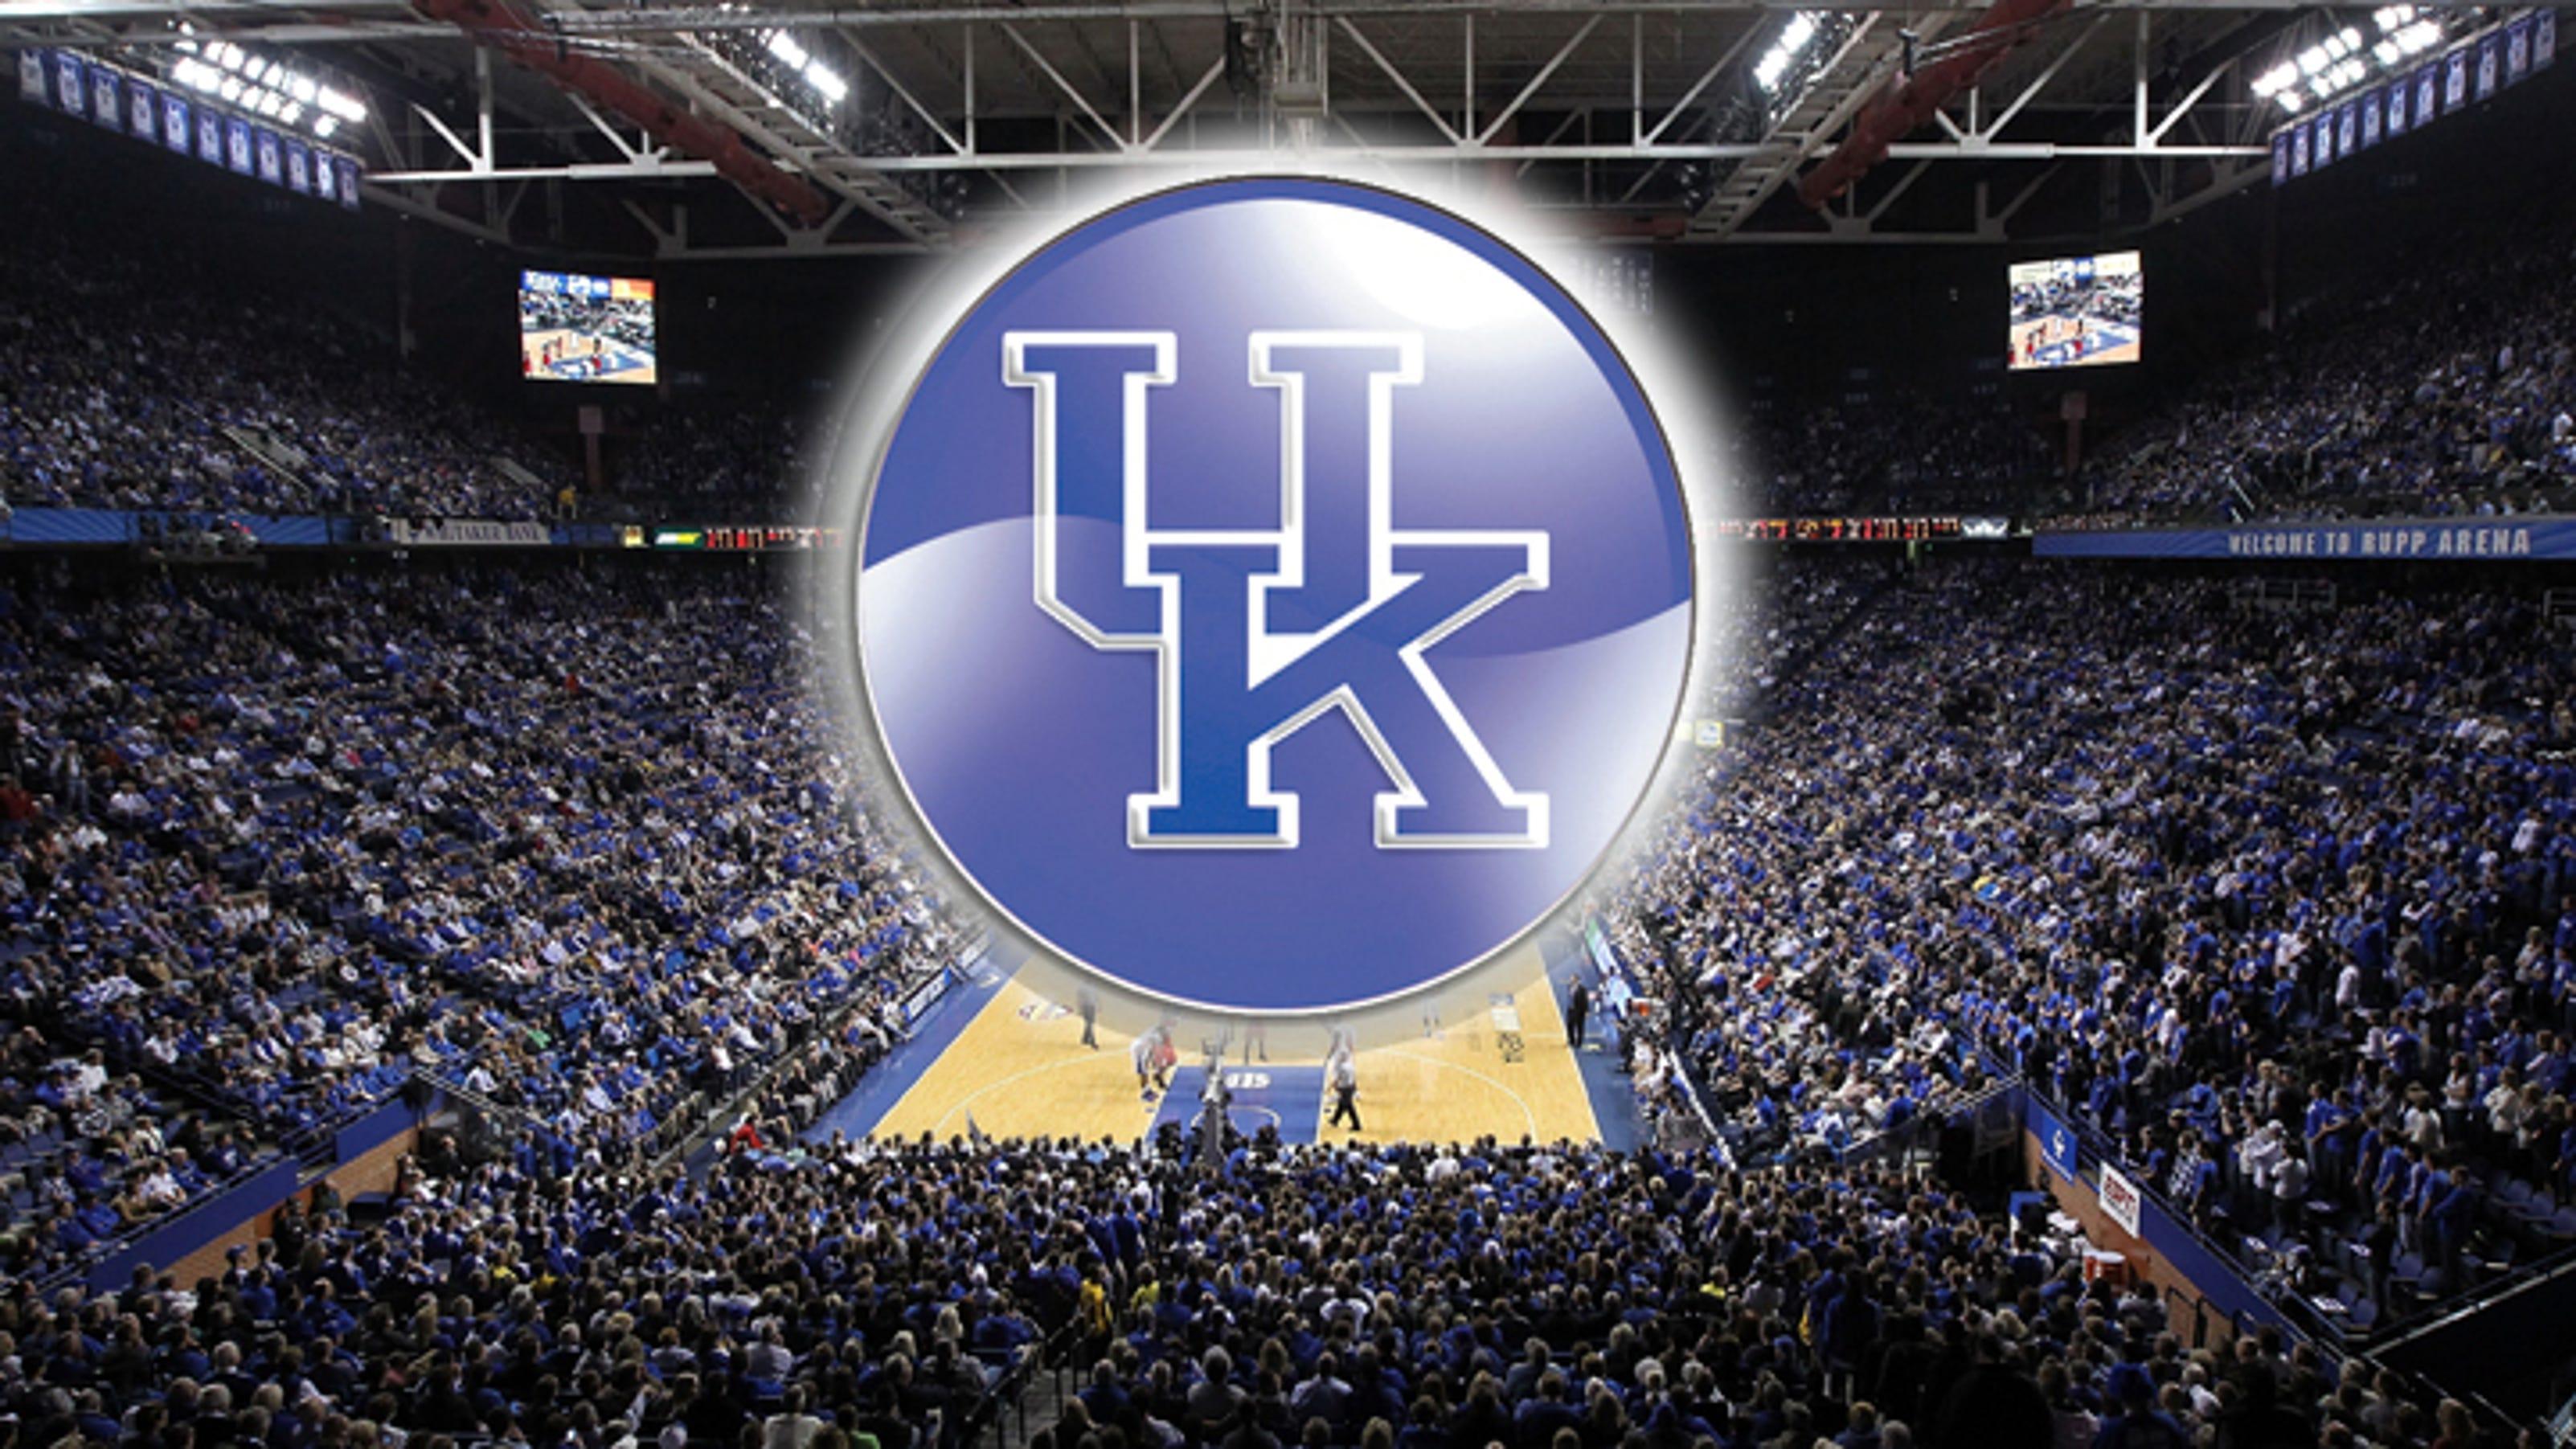 2014 15 Kentucky Wildcats Men S Basketball Team: Full 2014-15 Kentucky Men's Basketball Schedule